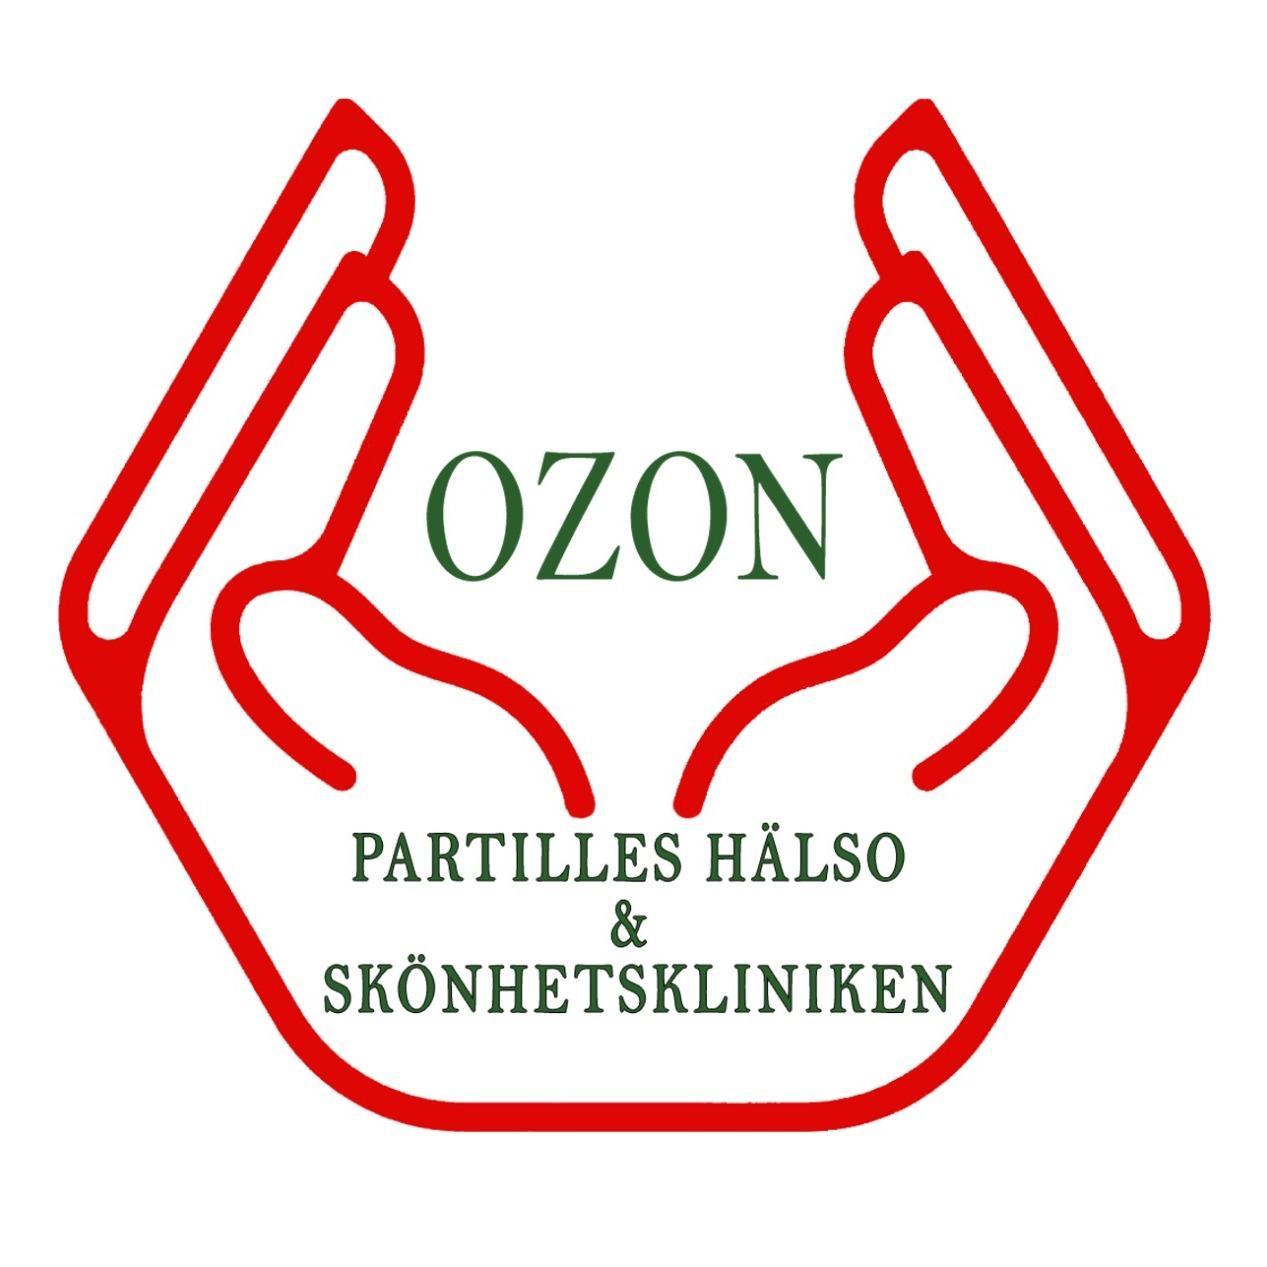 PARTILLES HÄLSO & SKÖNHETSKLINIKEN   ALTERNATIV MEDICIN, MEDICINSK OZONTERAPI